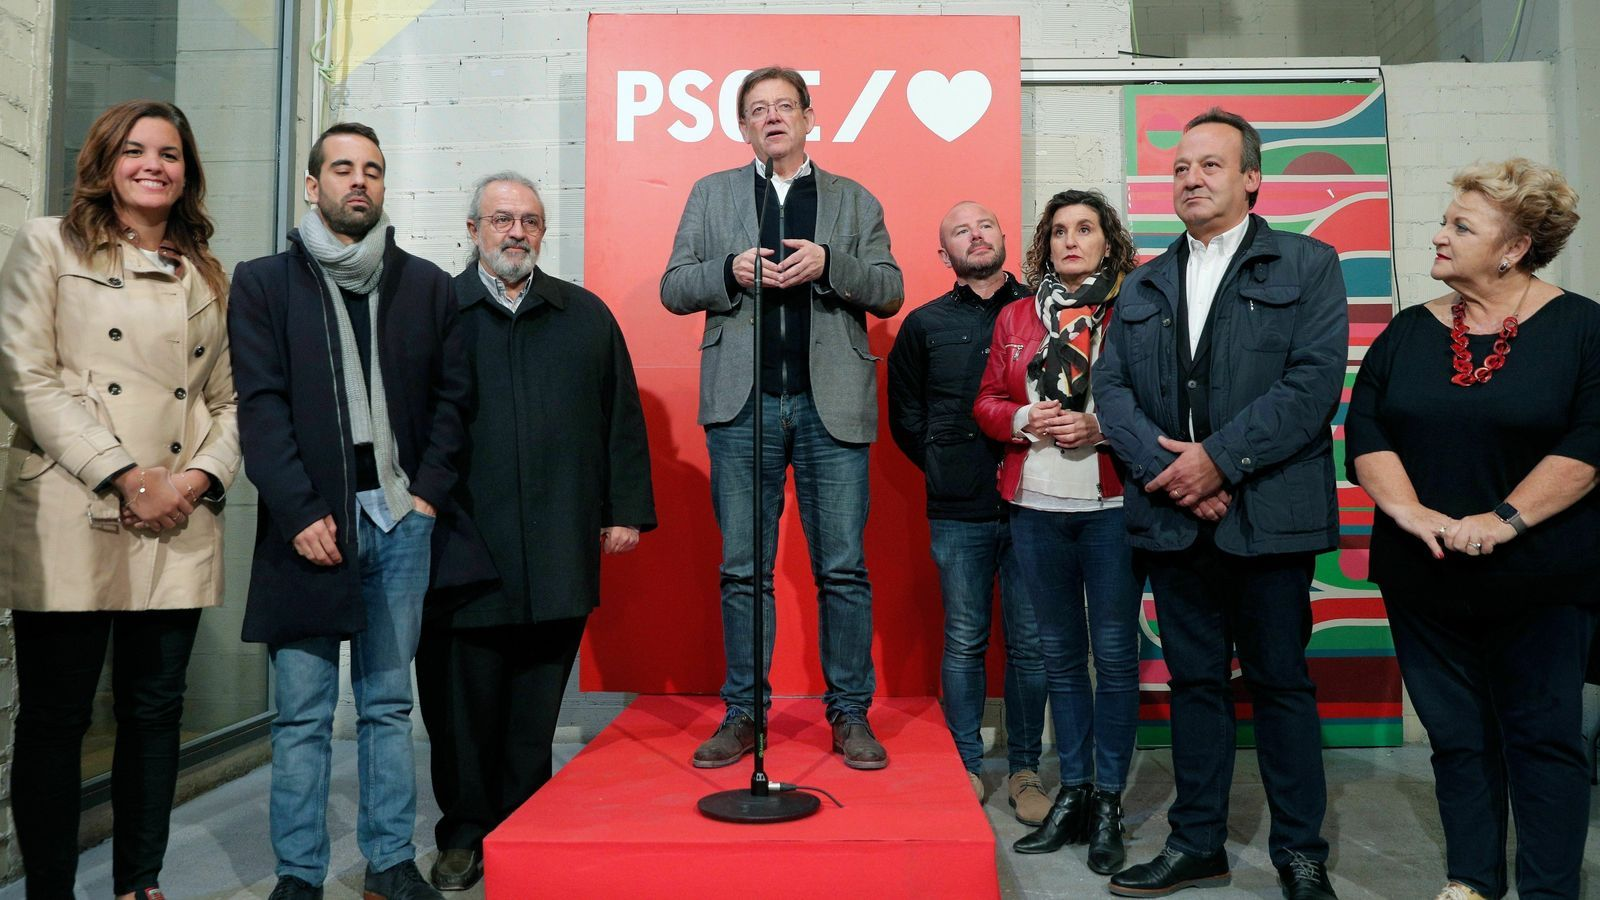 El PSOE repeteix victòria, mentre que Vox gairebé dobla representació al País Valencià